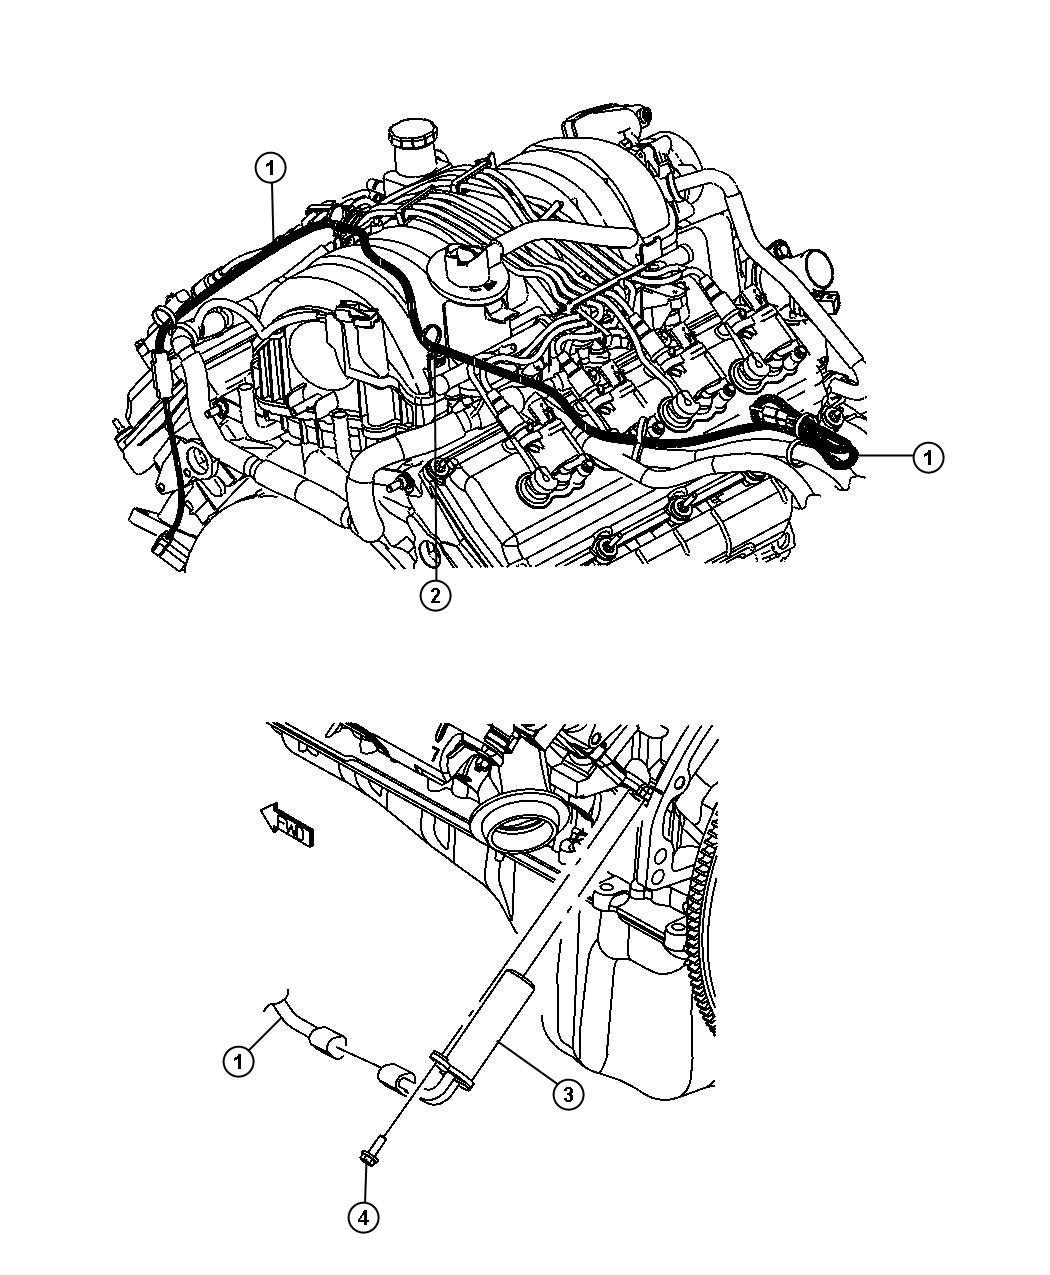 Dodge Charger Rwd Str8 6 4l V8 Srt Hemi Mds 5 Speed Auto